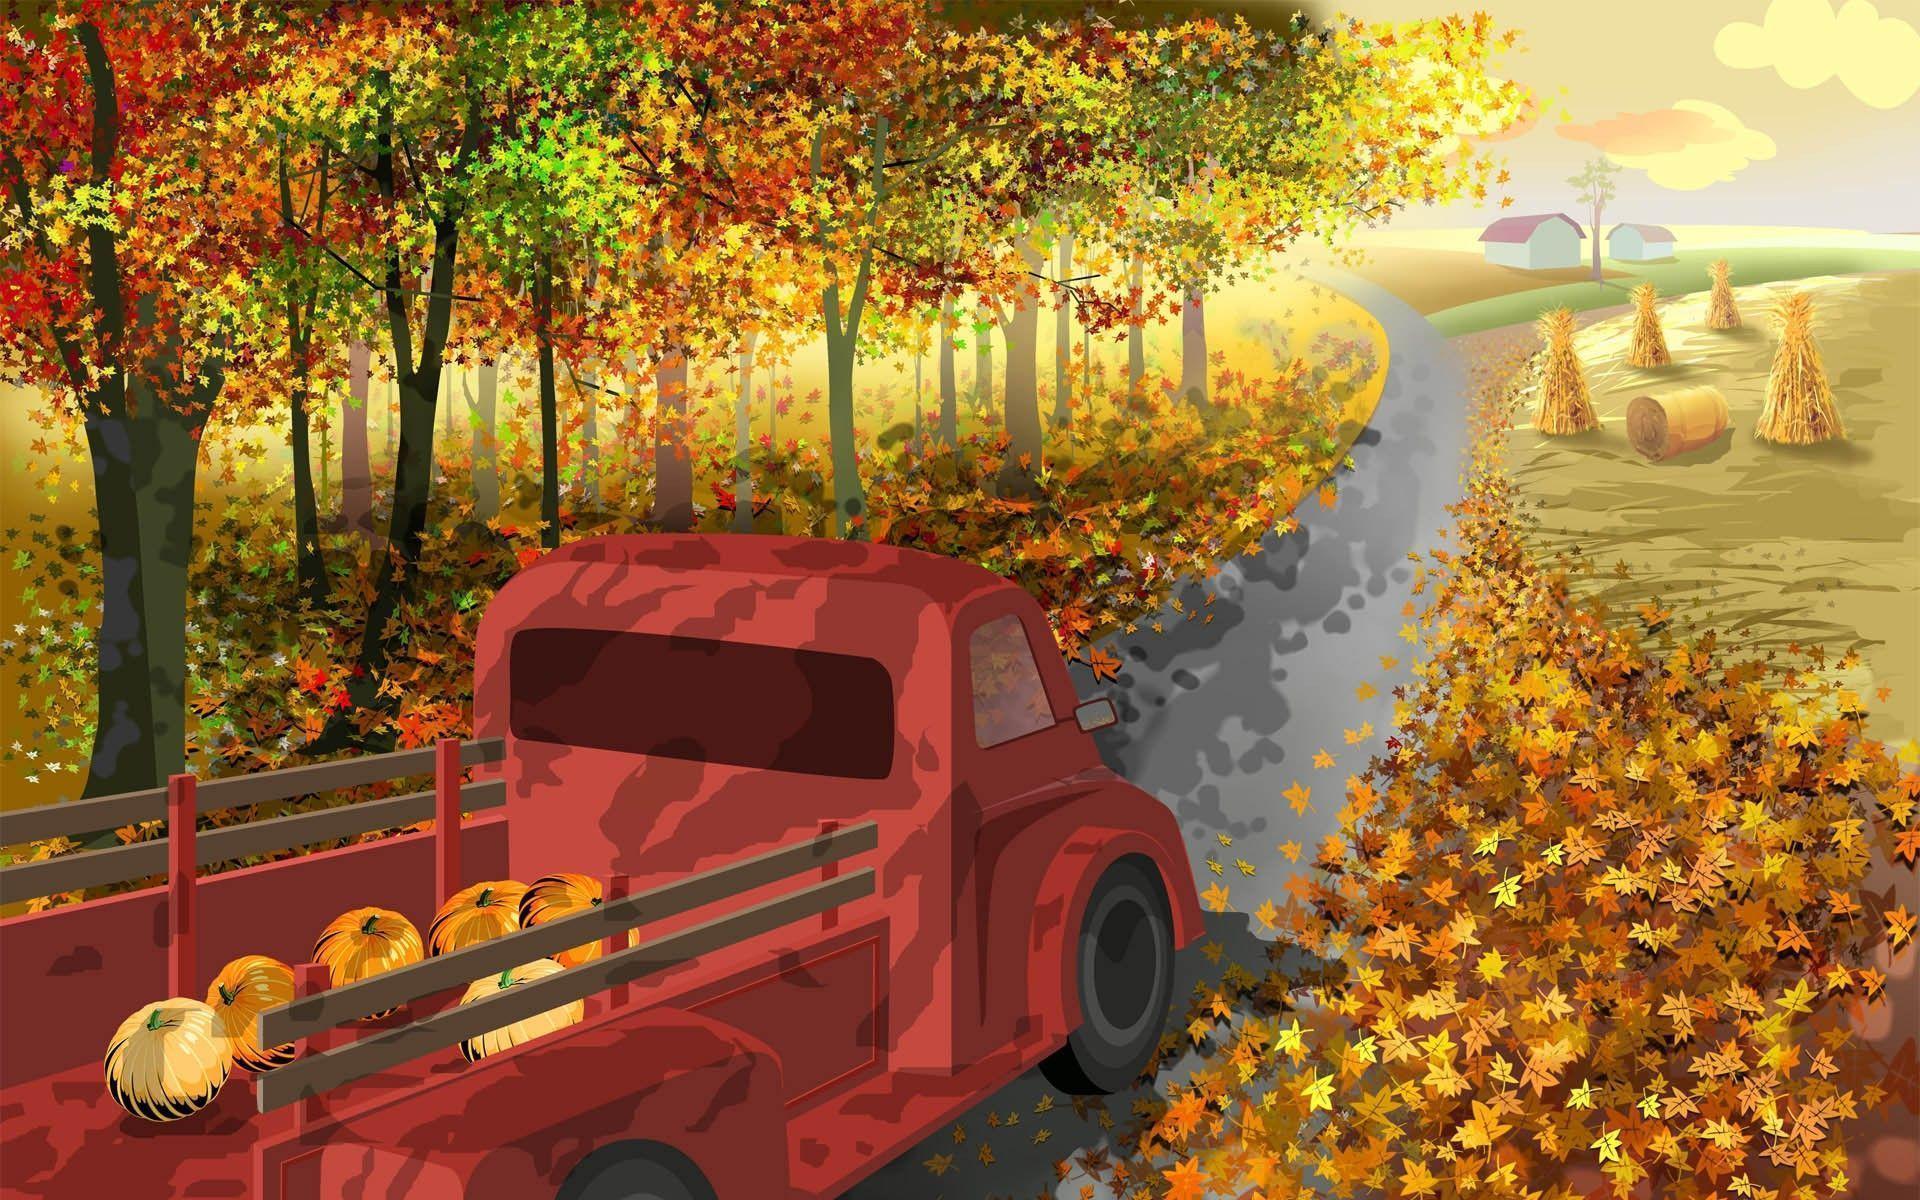 thanksgiving hd wallpaper widescreen 1920x1080 - photo #23